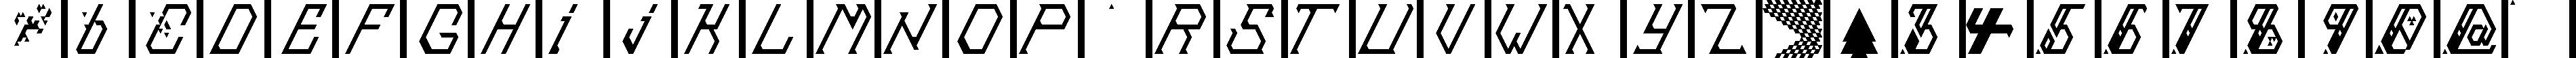 Particip-a-type v.322